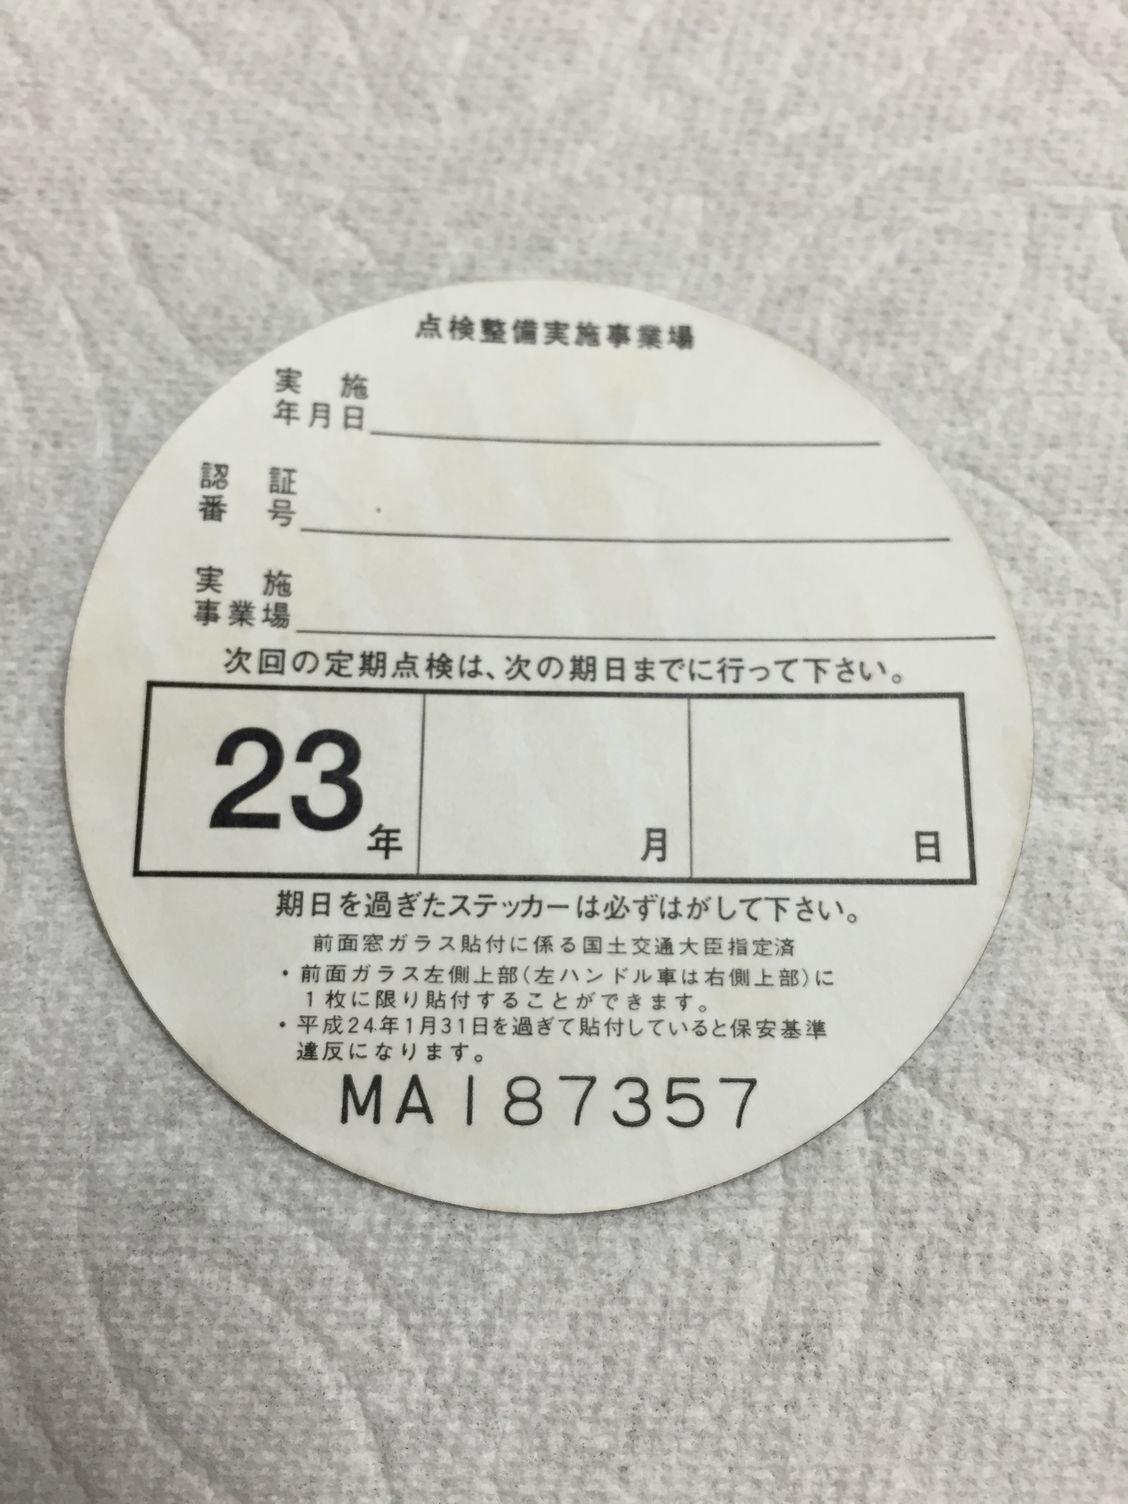 Parking Permit Sticker Car Location